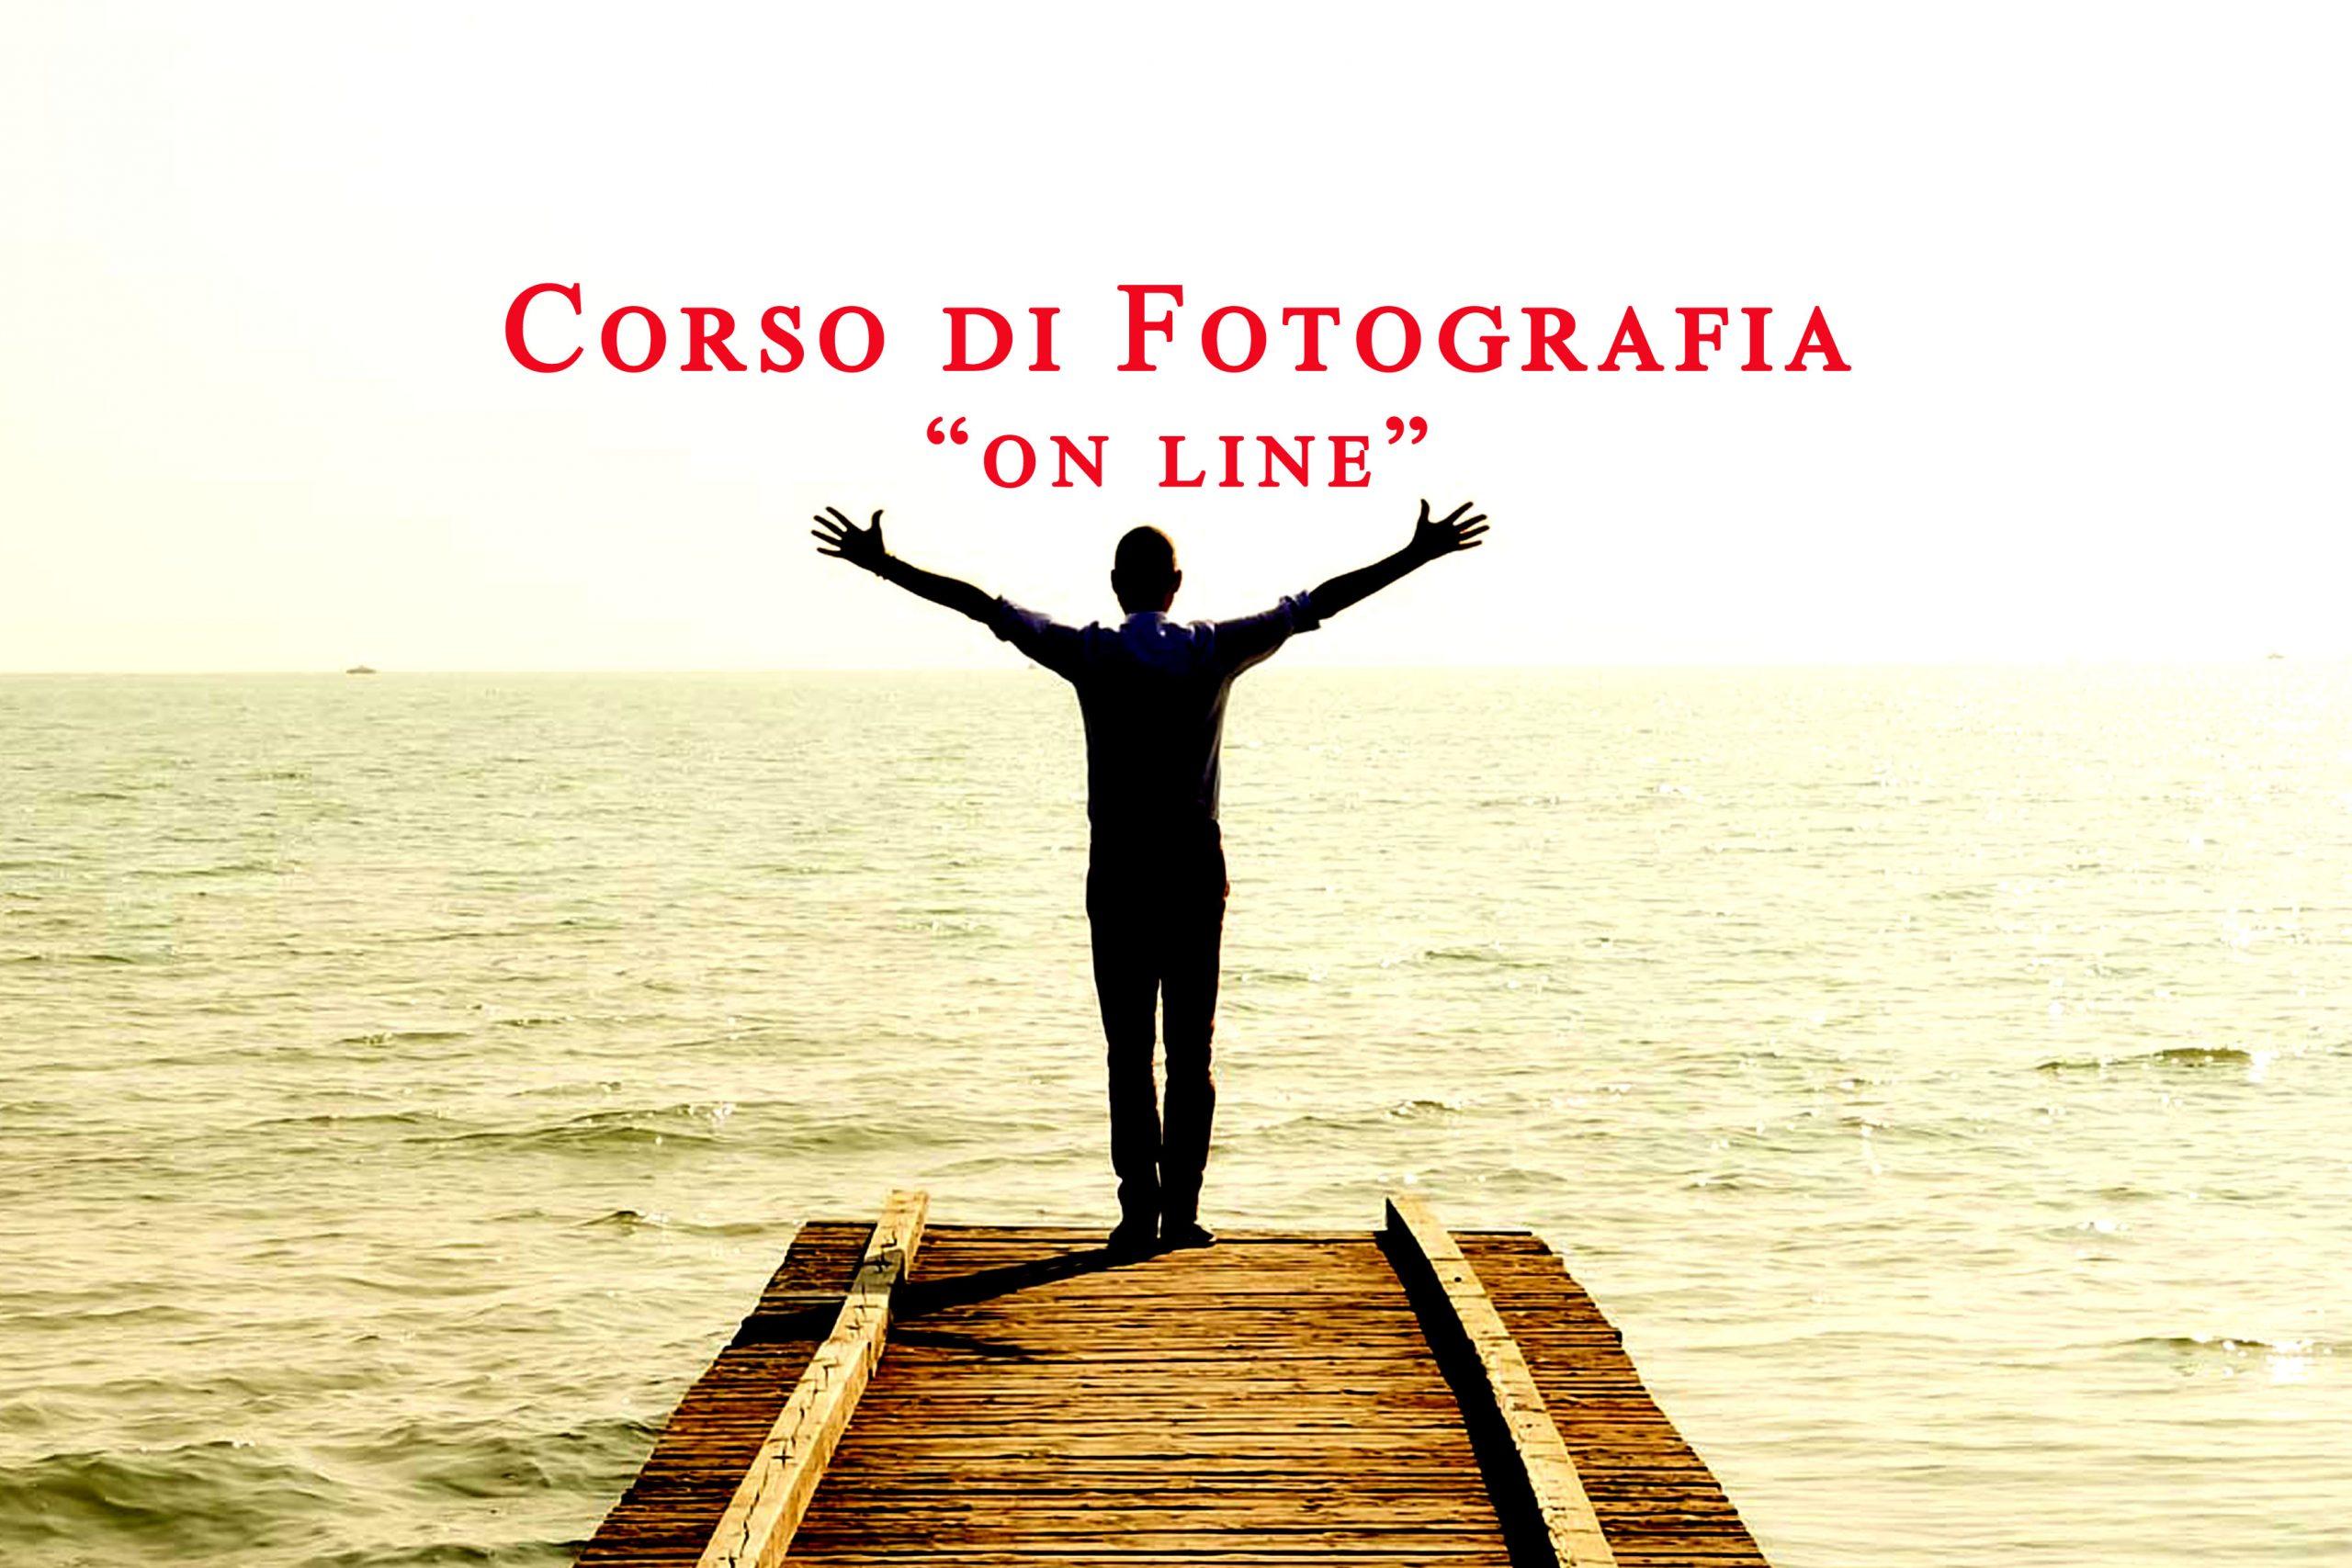 Corso di fotografia on line tecniche di base